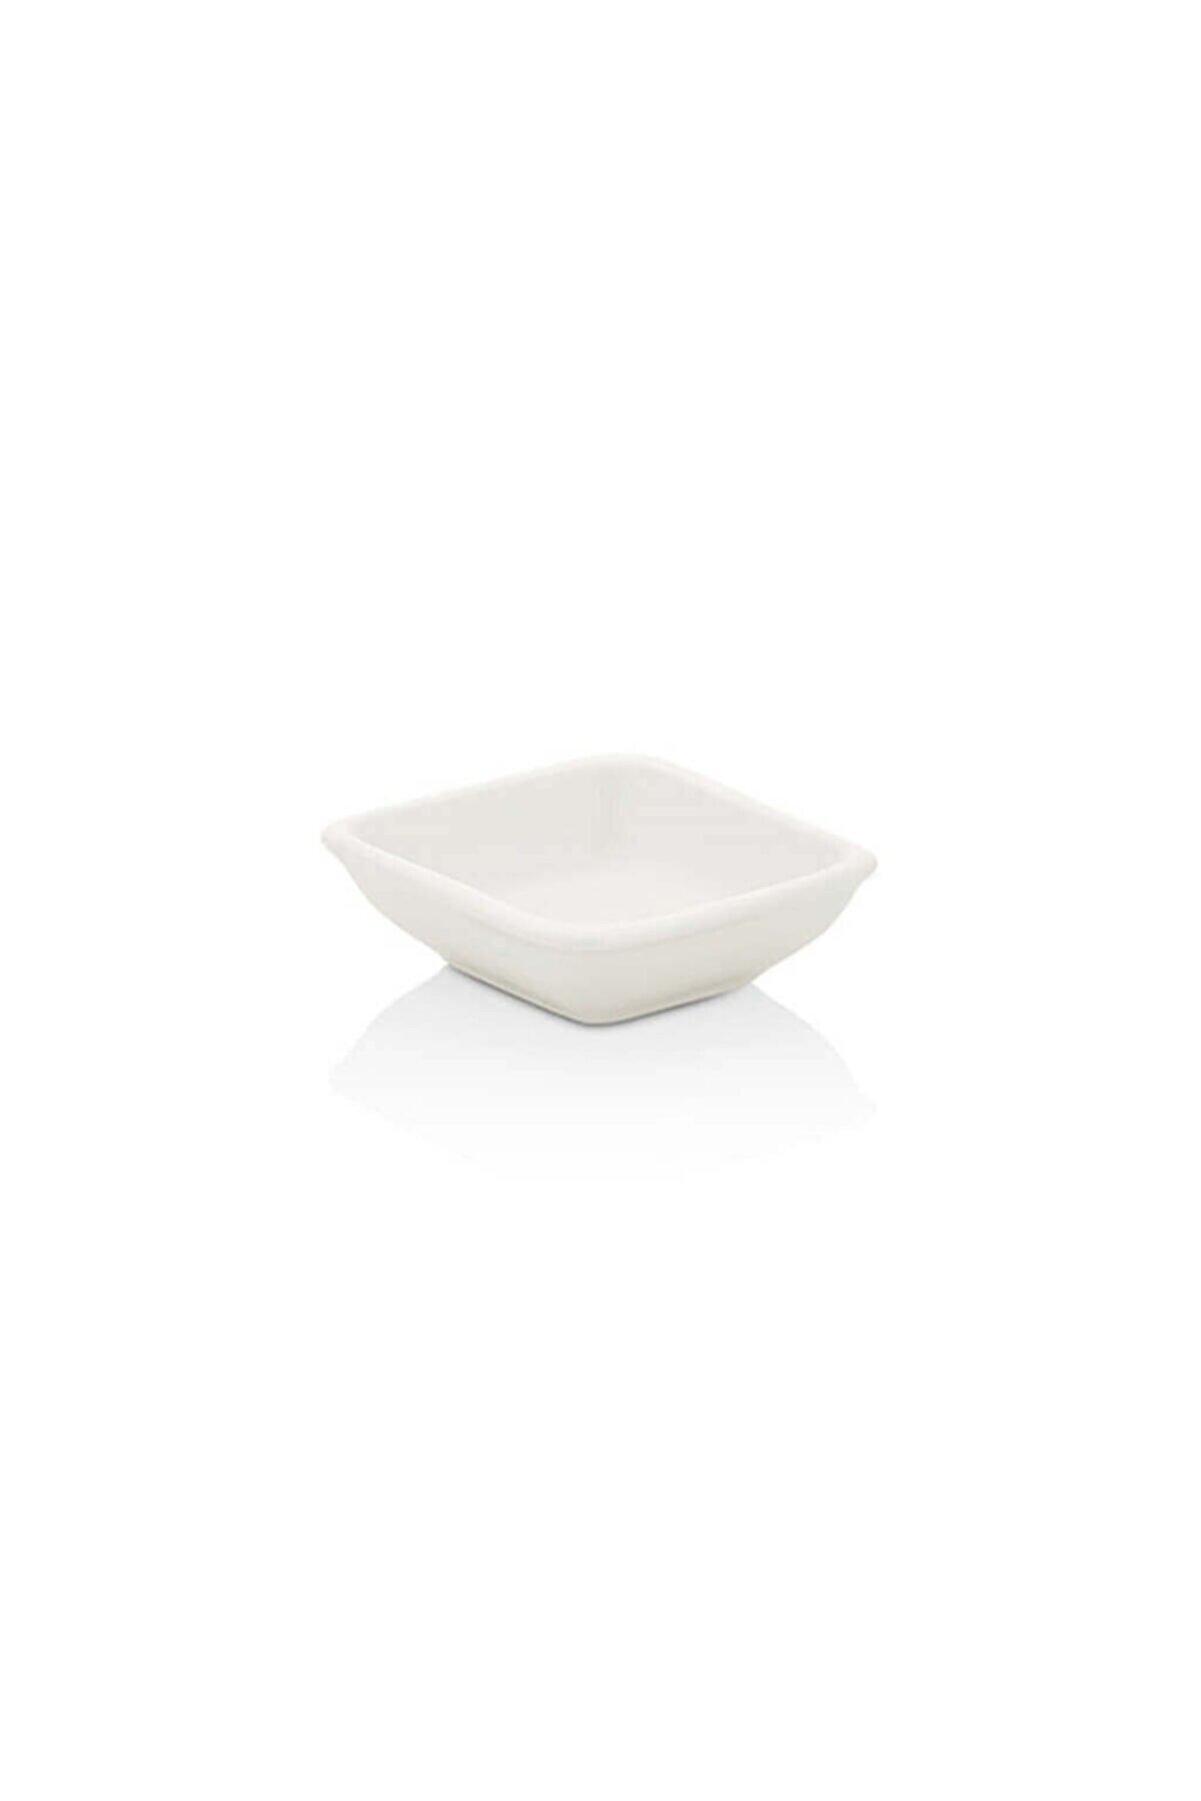 Sima Arel 13 Cm Kare Kase-beyaz Porselen 24 Adet